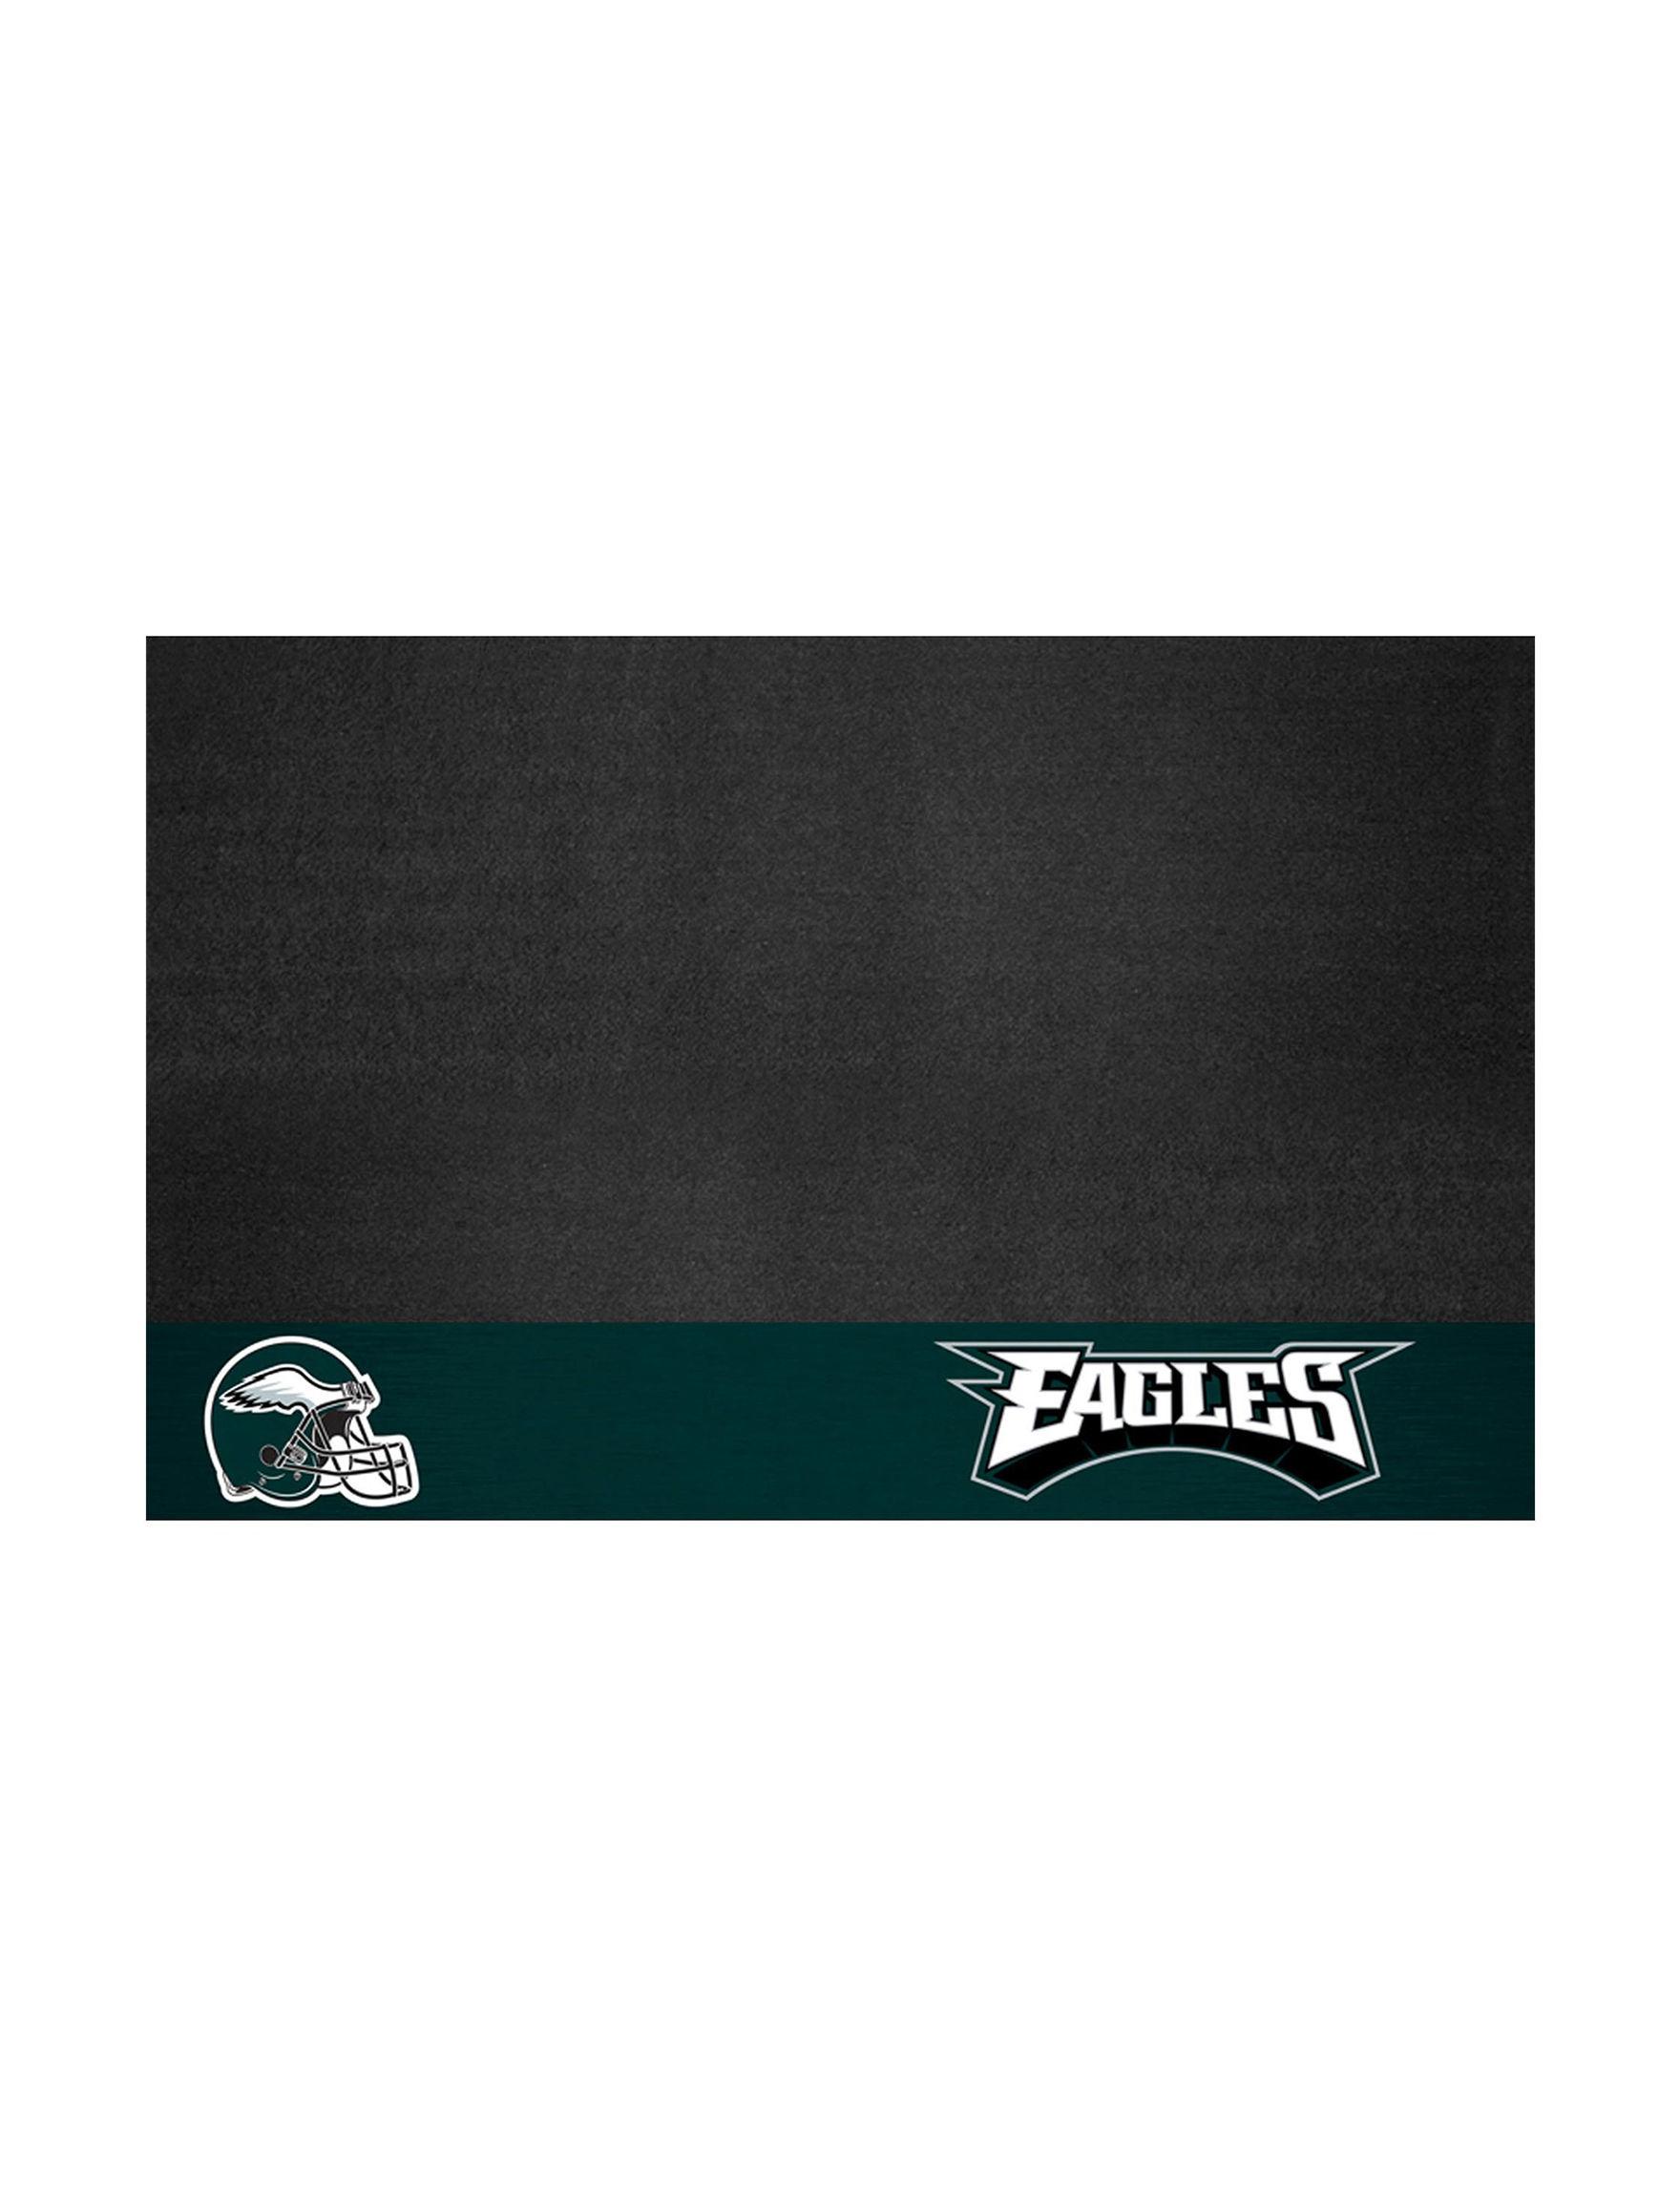 Fanmats Black /  Green Outdoor Rugs & Doormats Outdoor Decor